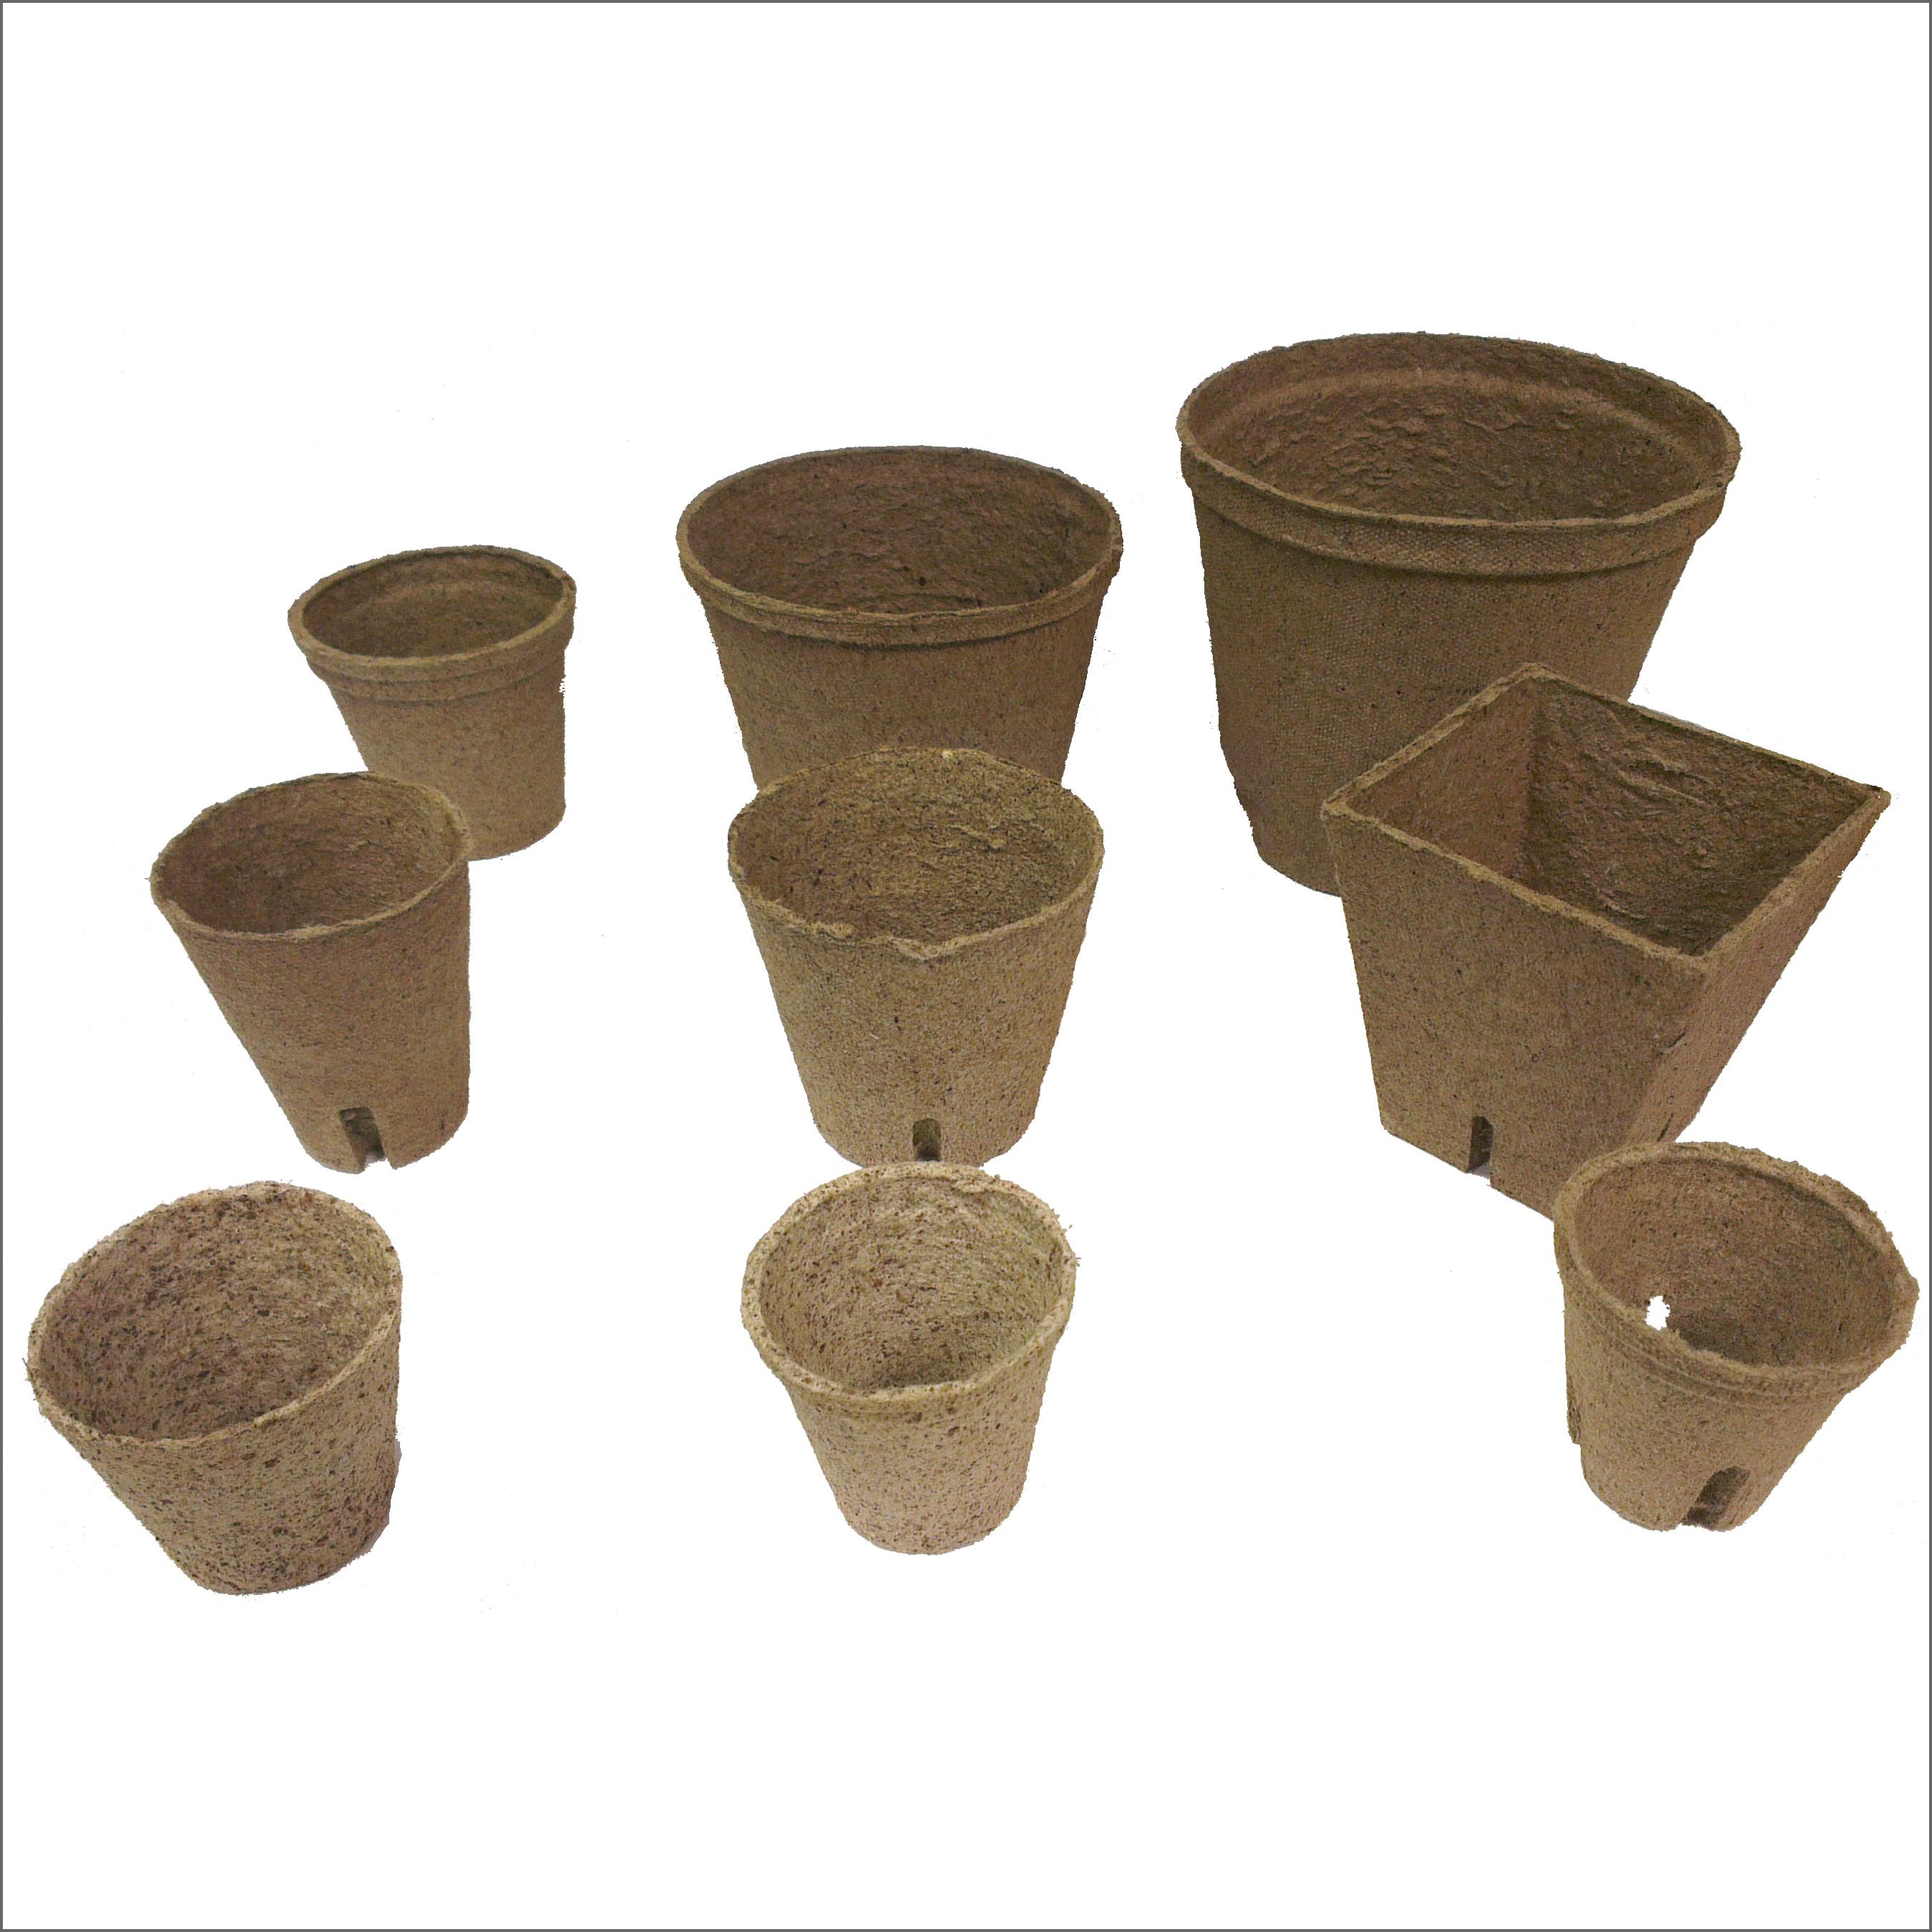 Pots organique jiffy fibre pellets biod gradable croissance des graines fleur - Pot de fleur intelligent ...